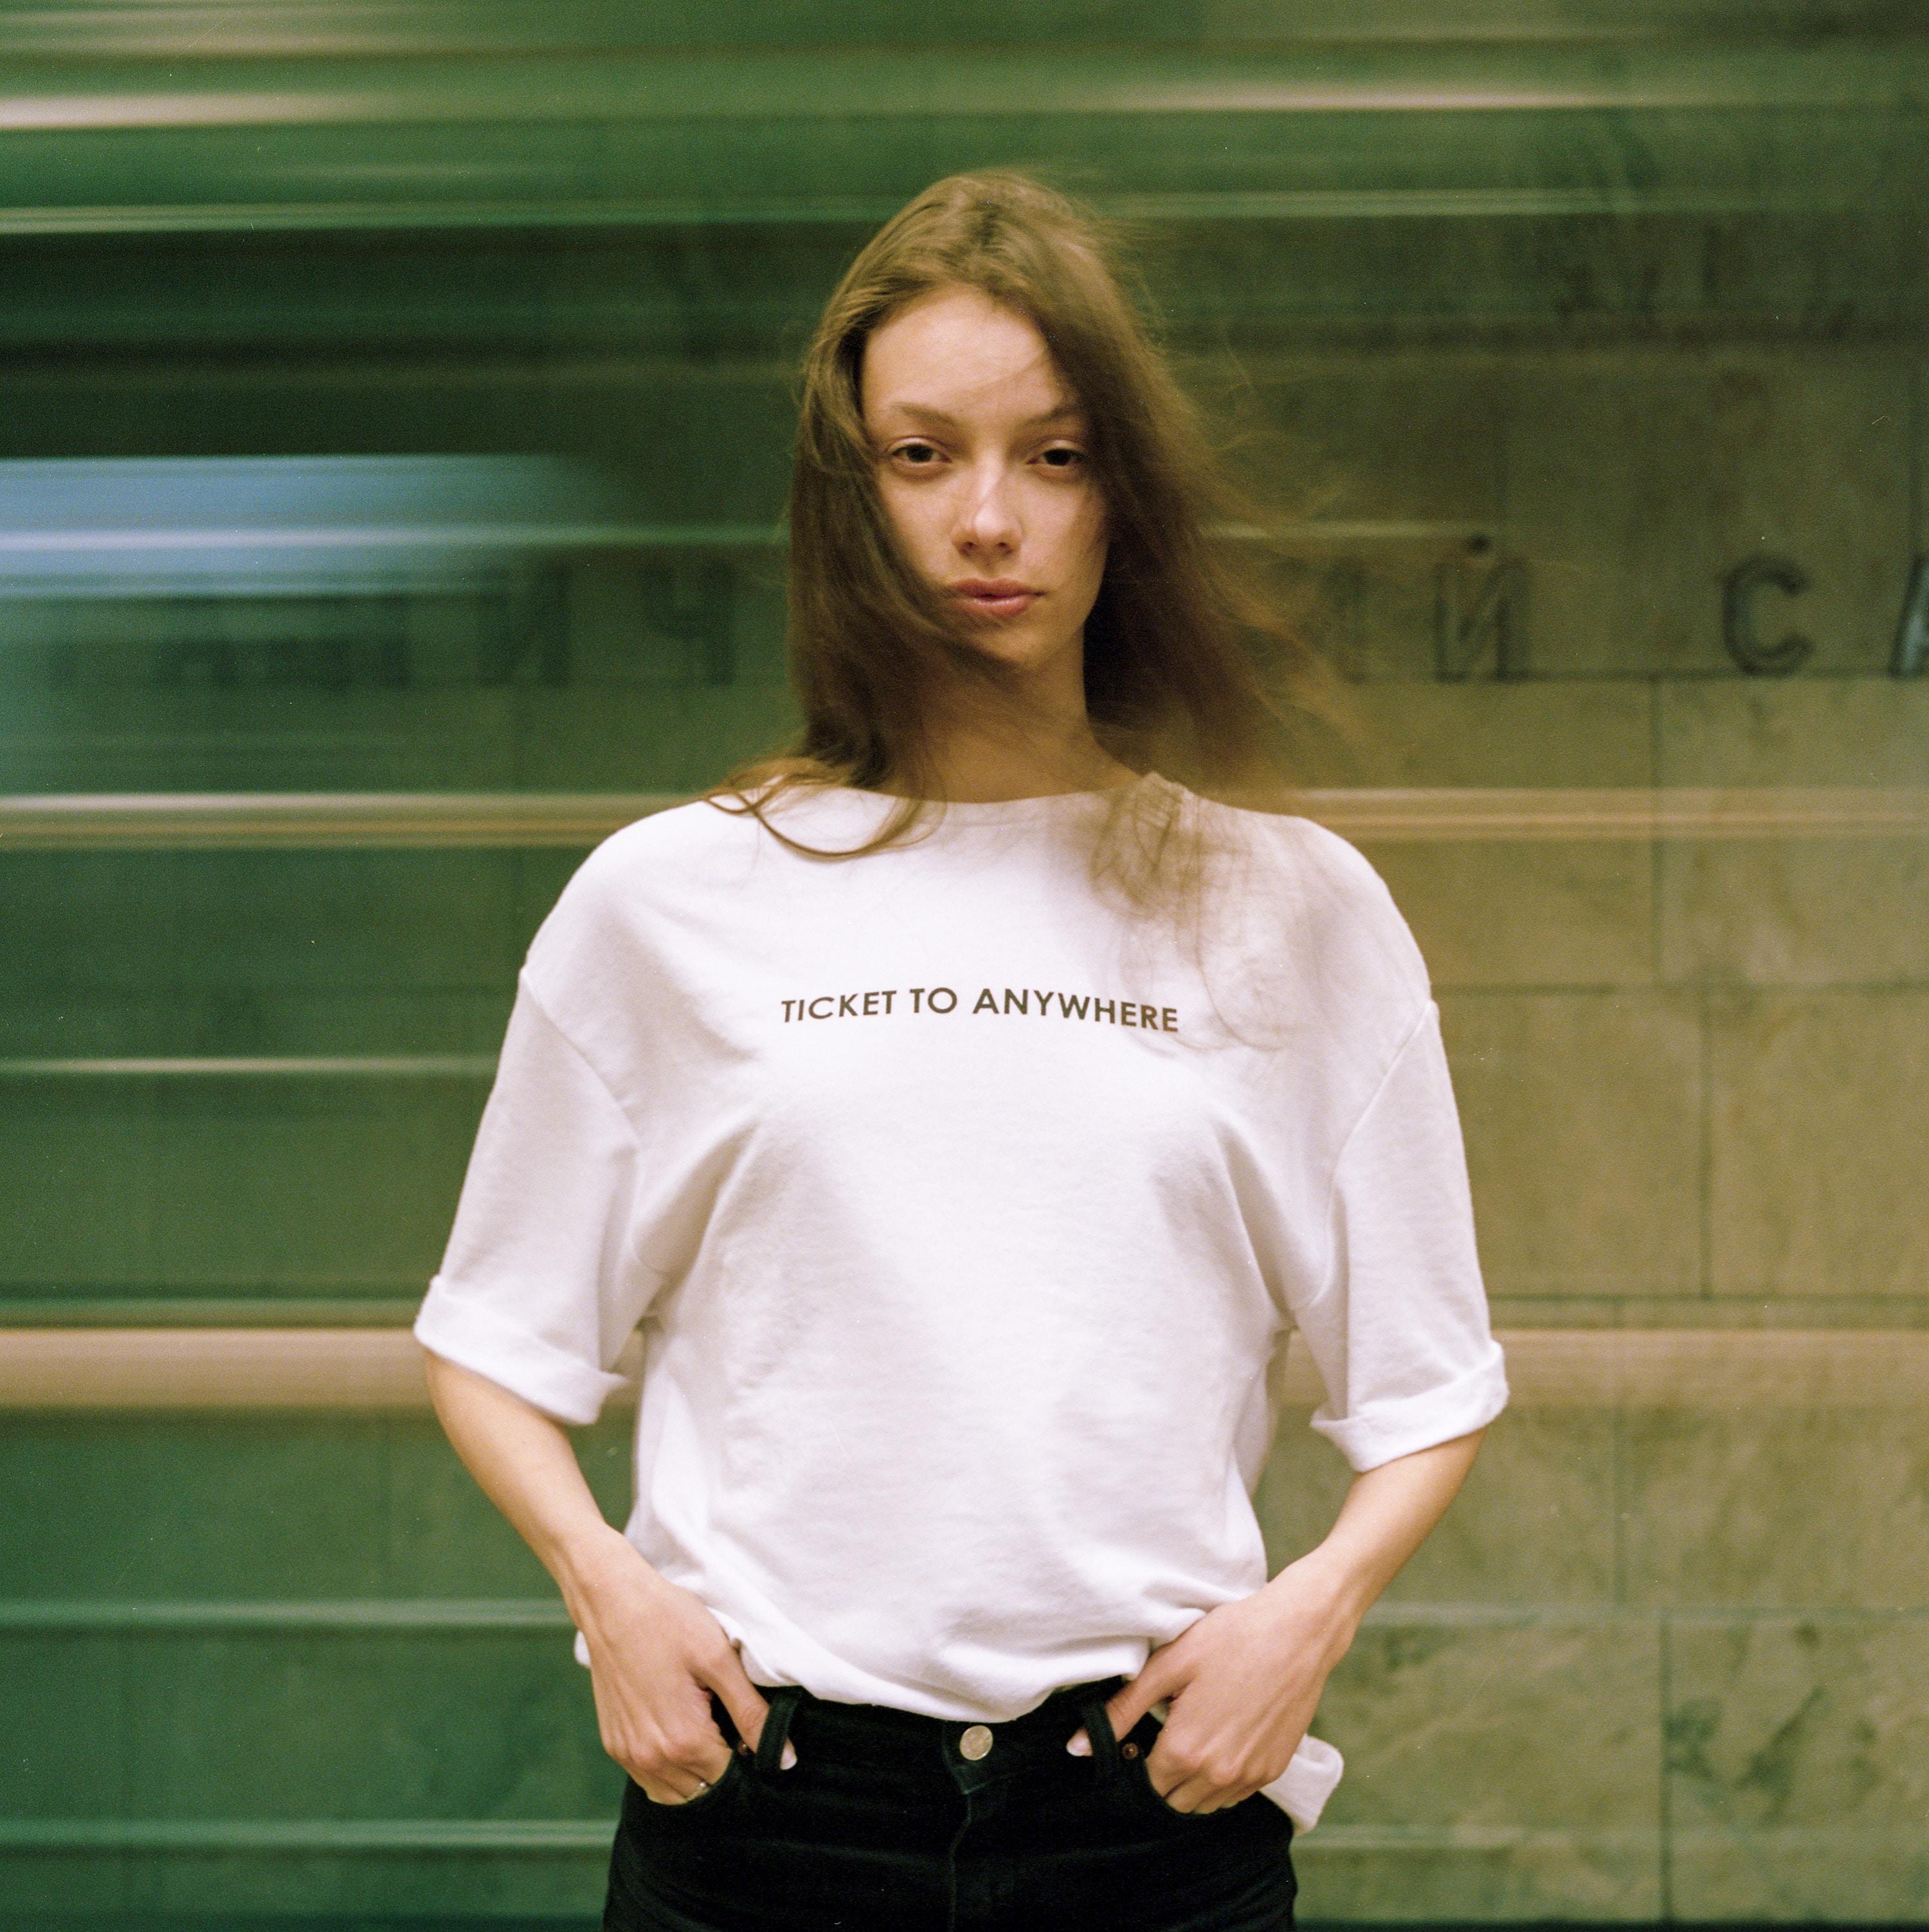 Girls wearing see through shirts